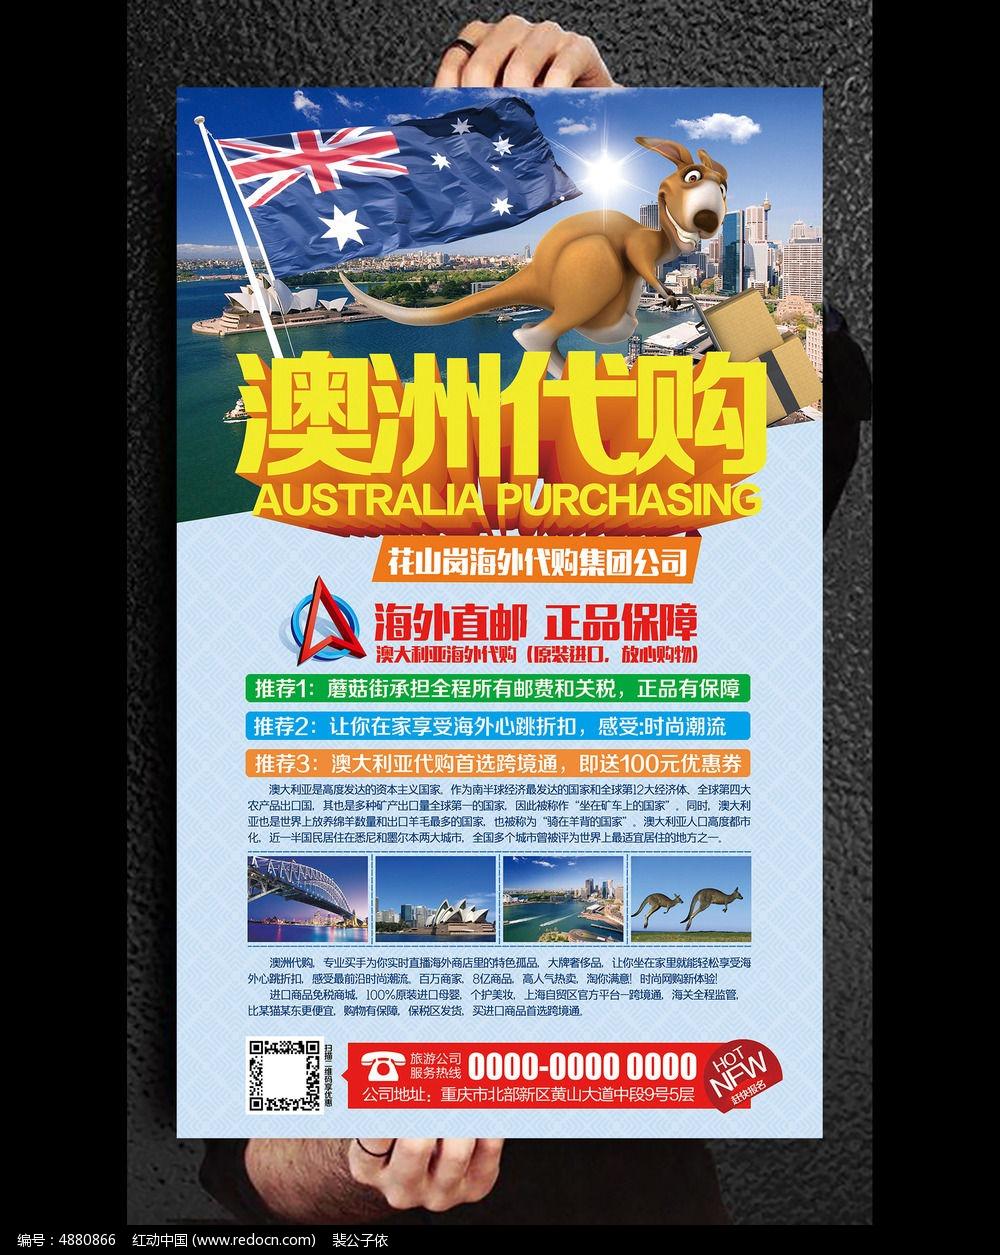 澳大利亚海外代购海报模板设计图片